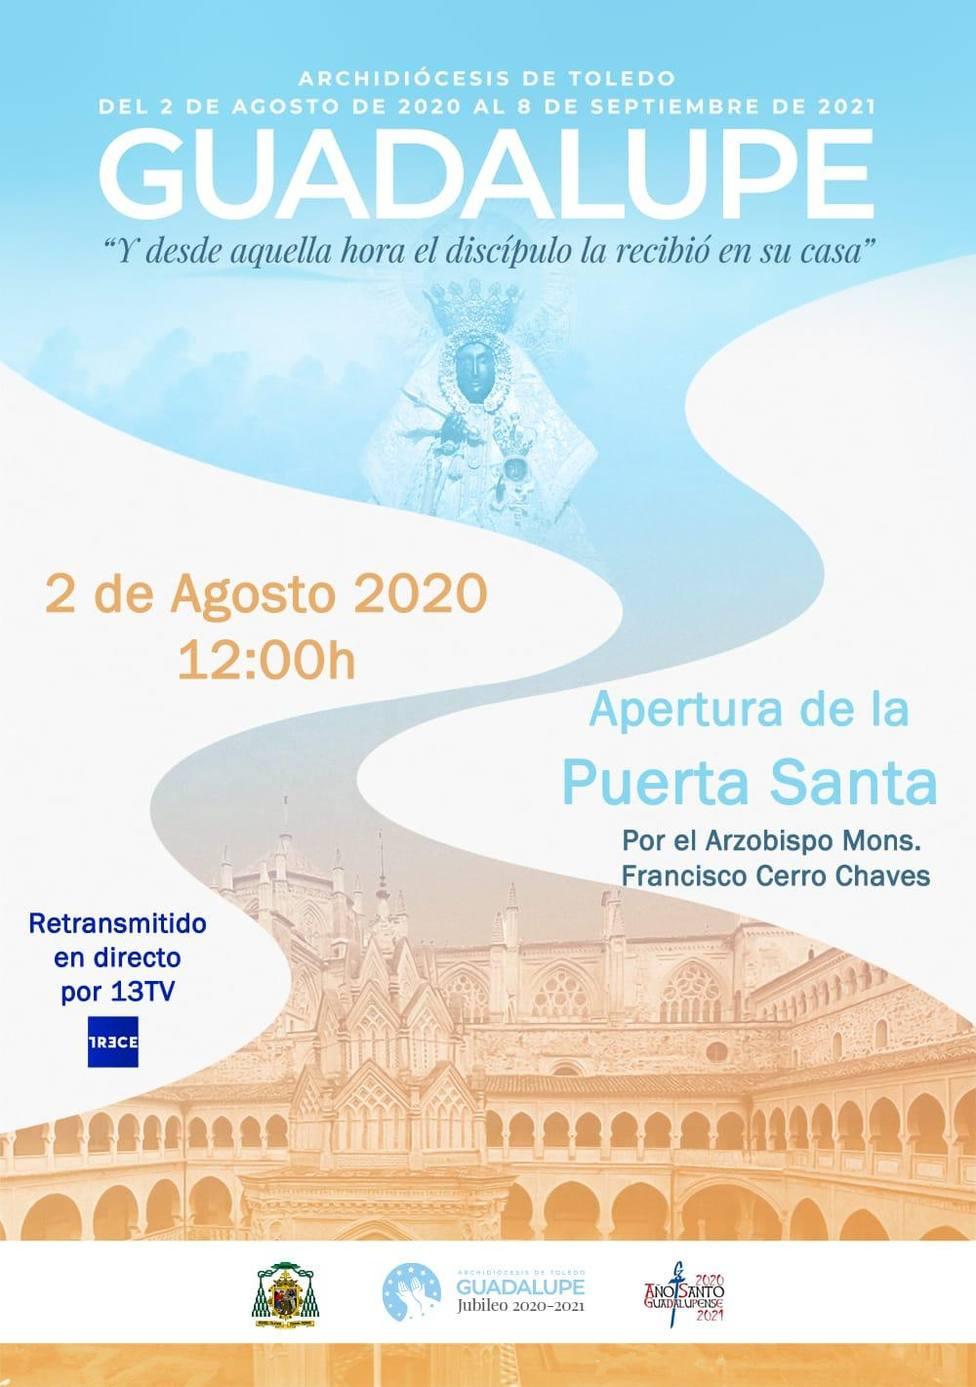 """Guadalupe, """"hogar de María, casa de sanación"""", se prepara para abrir la puerta santa"""